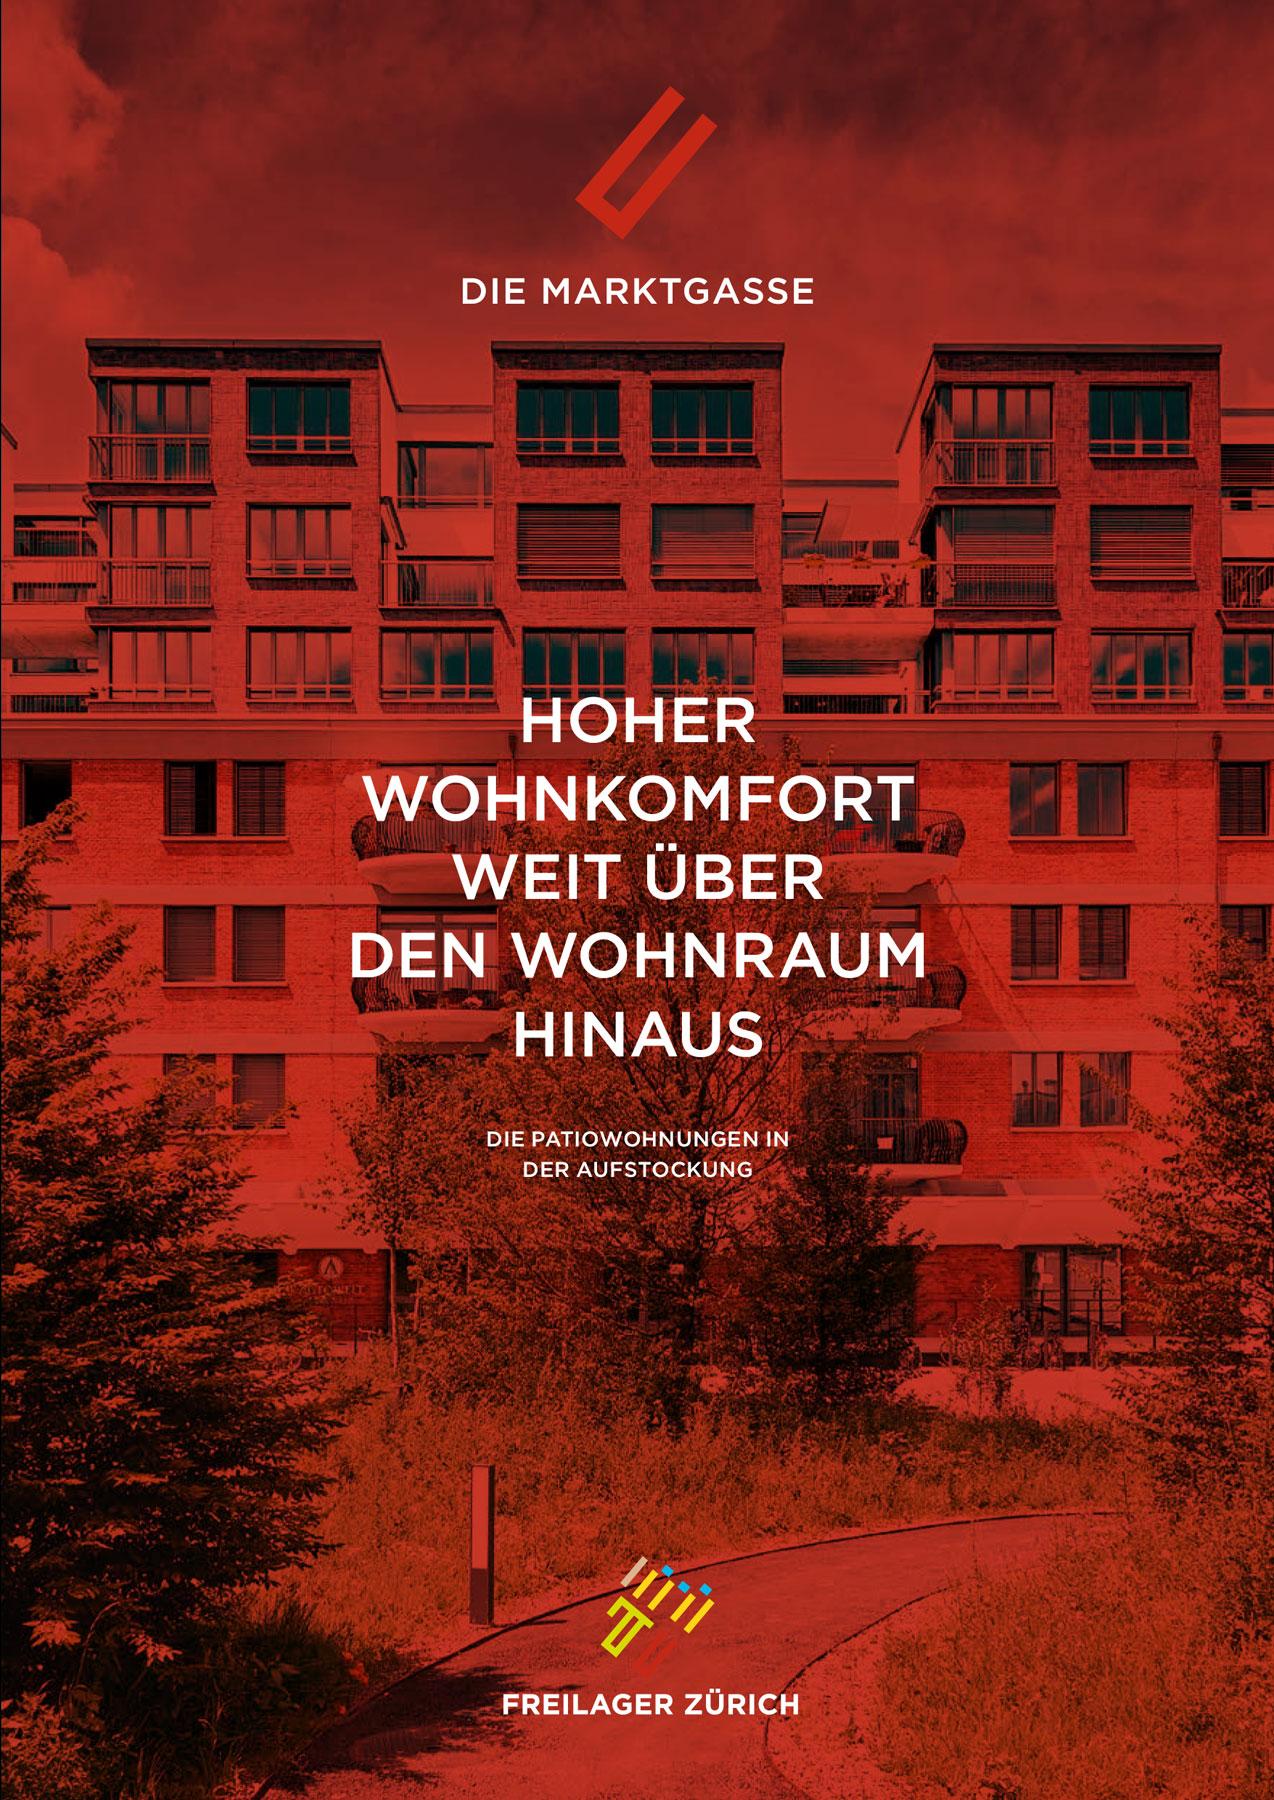 Advertising Freilager Zürich